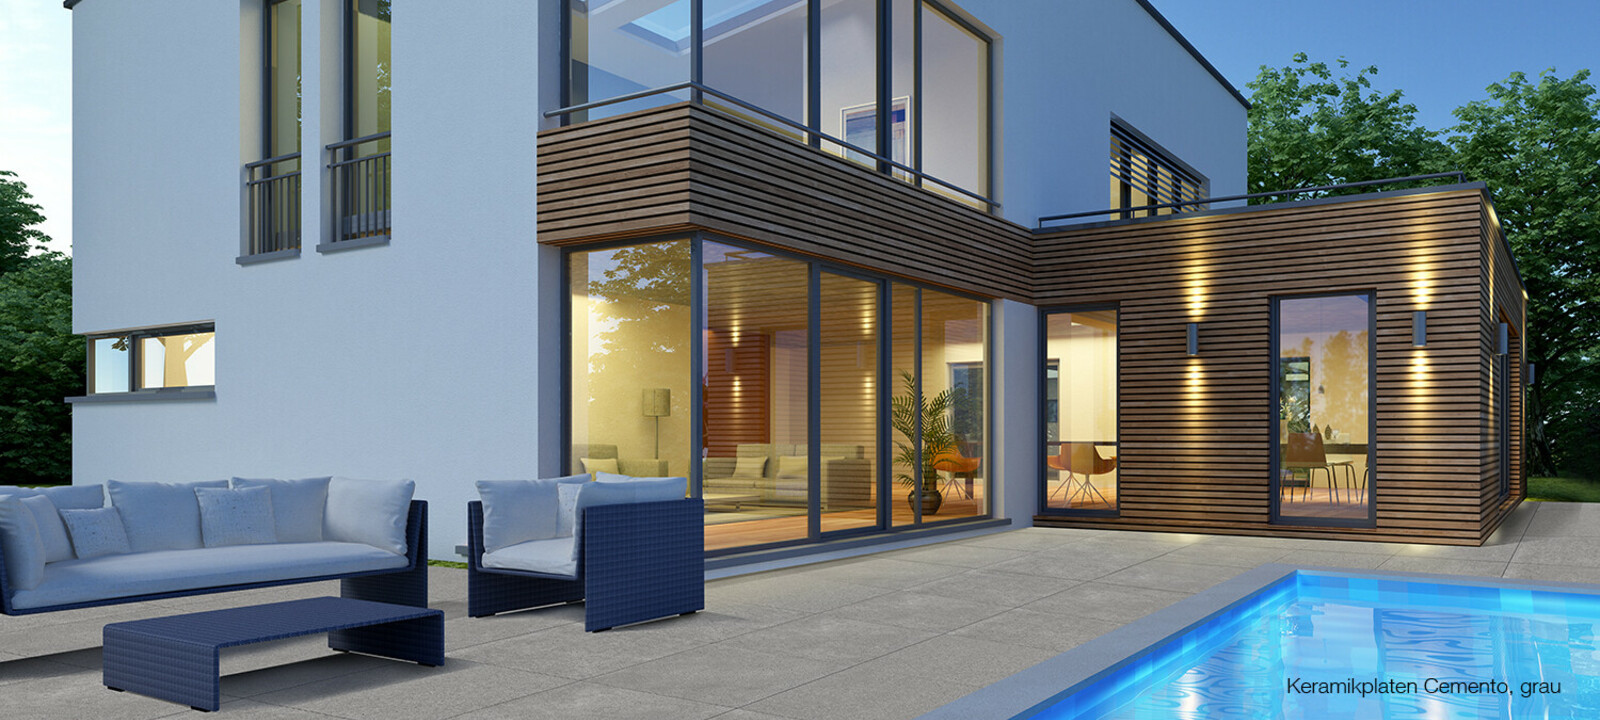 Keramik Terrassenplatten um Pool